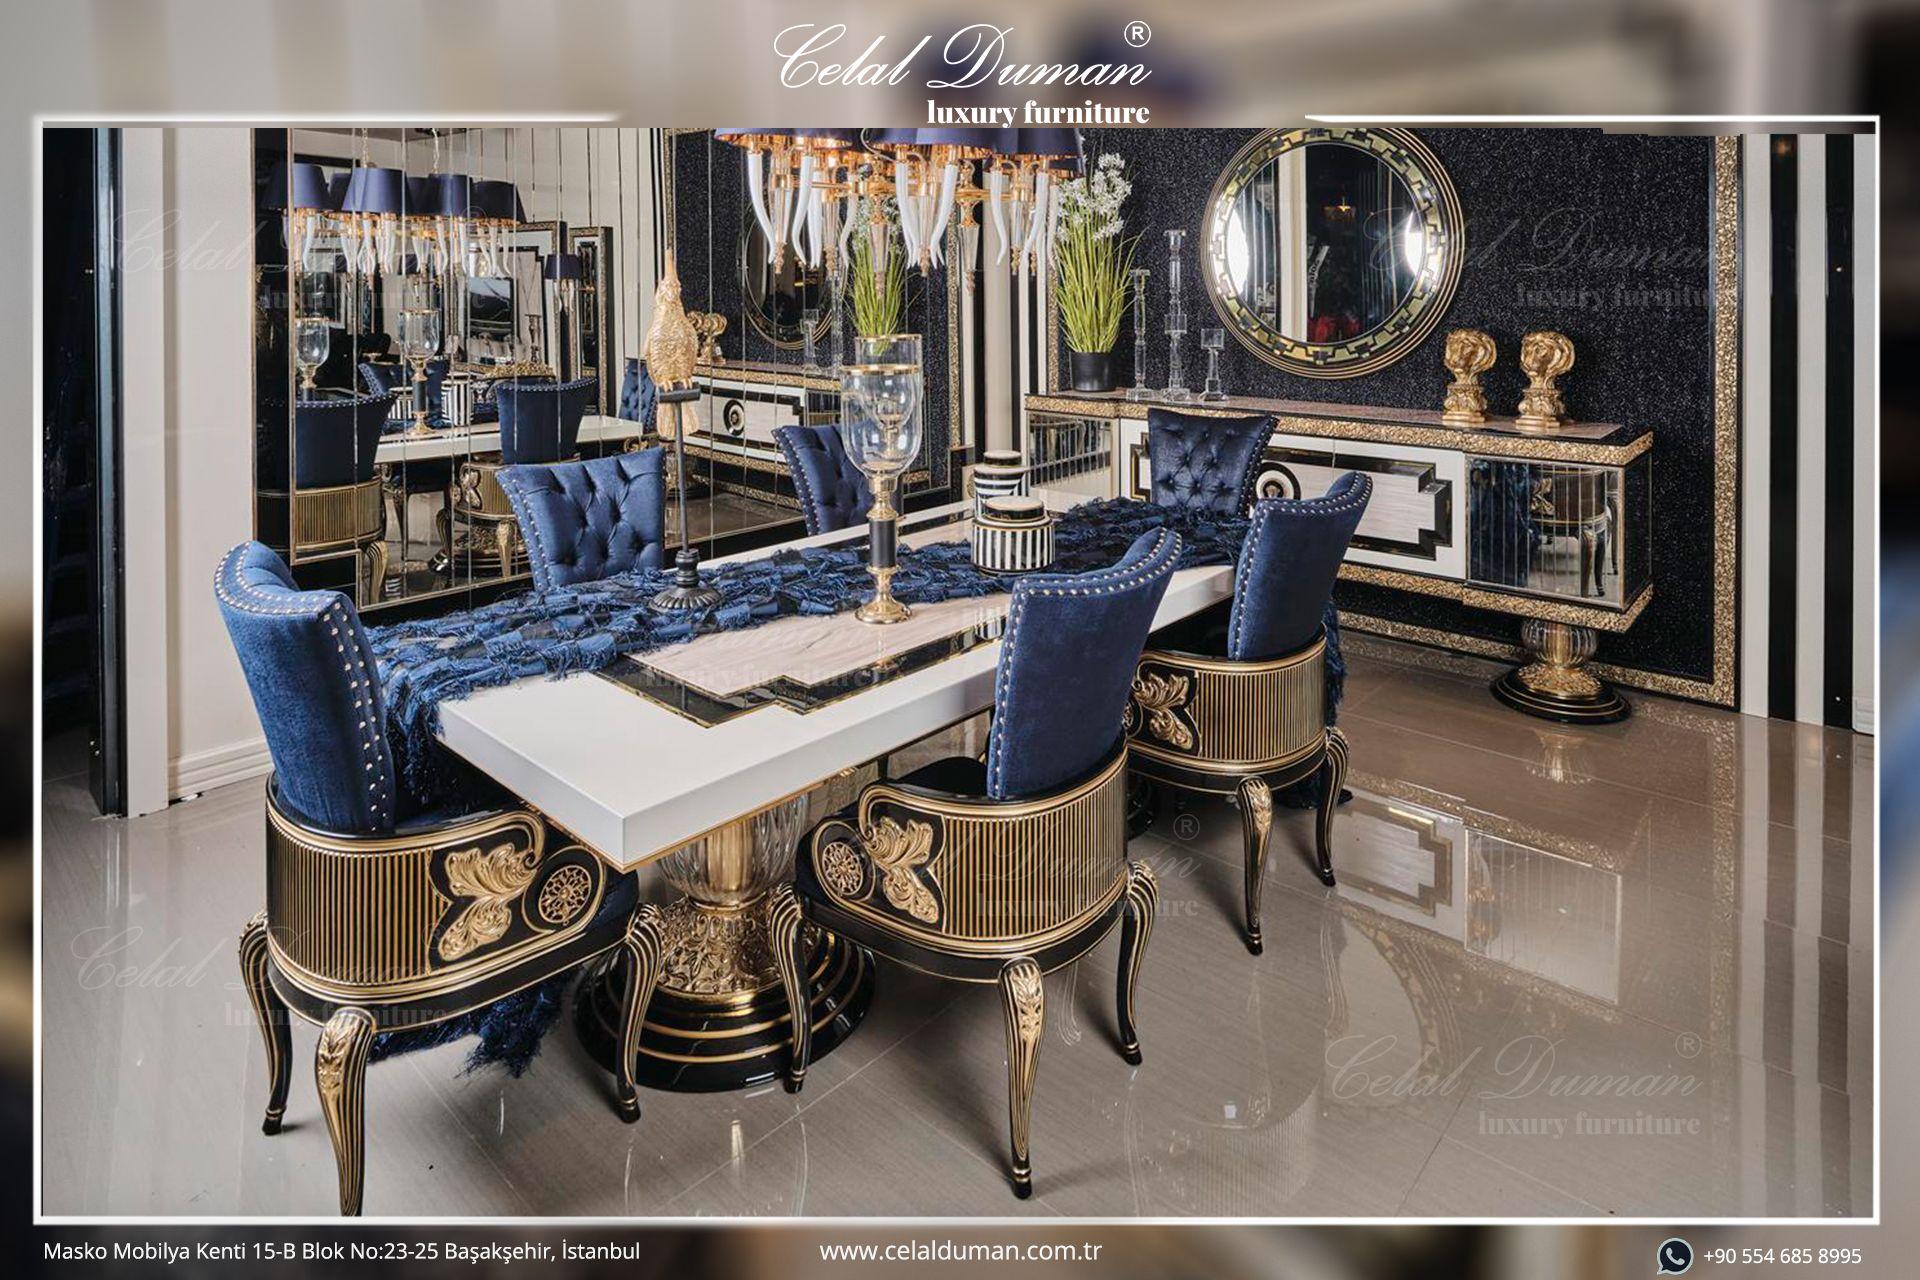 Luxury ürün gruplarımıza hayat veren şık ve zarif konulu Yemek Odası modellerimiz için Masko mağazamıza sizleri davet ediyoruz. . . . #celalduman #celaldumanmobilya #mobilya #masko #koltuktakımı #yemekodası #maskomobilyakenti #evdekorasyon #dekorasyonfikirleri #mobilyadekorasyon #luxuryfurniture #modernfurniture #furniture #decor #ofisdekorasyon #evdekor #projects #köşekoltuk #tvunited #design #yemekodası #yatakodası #interiordesign